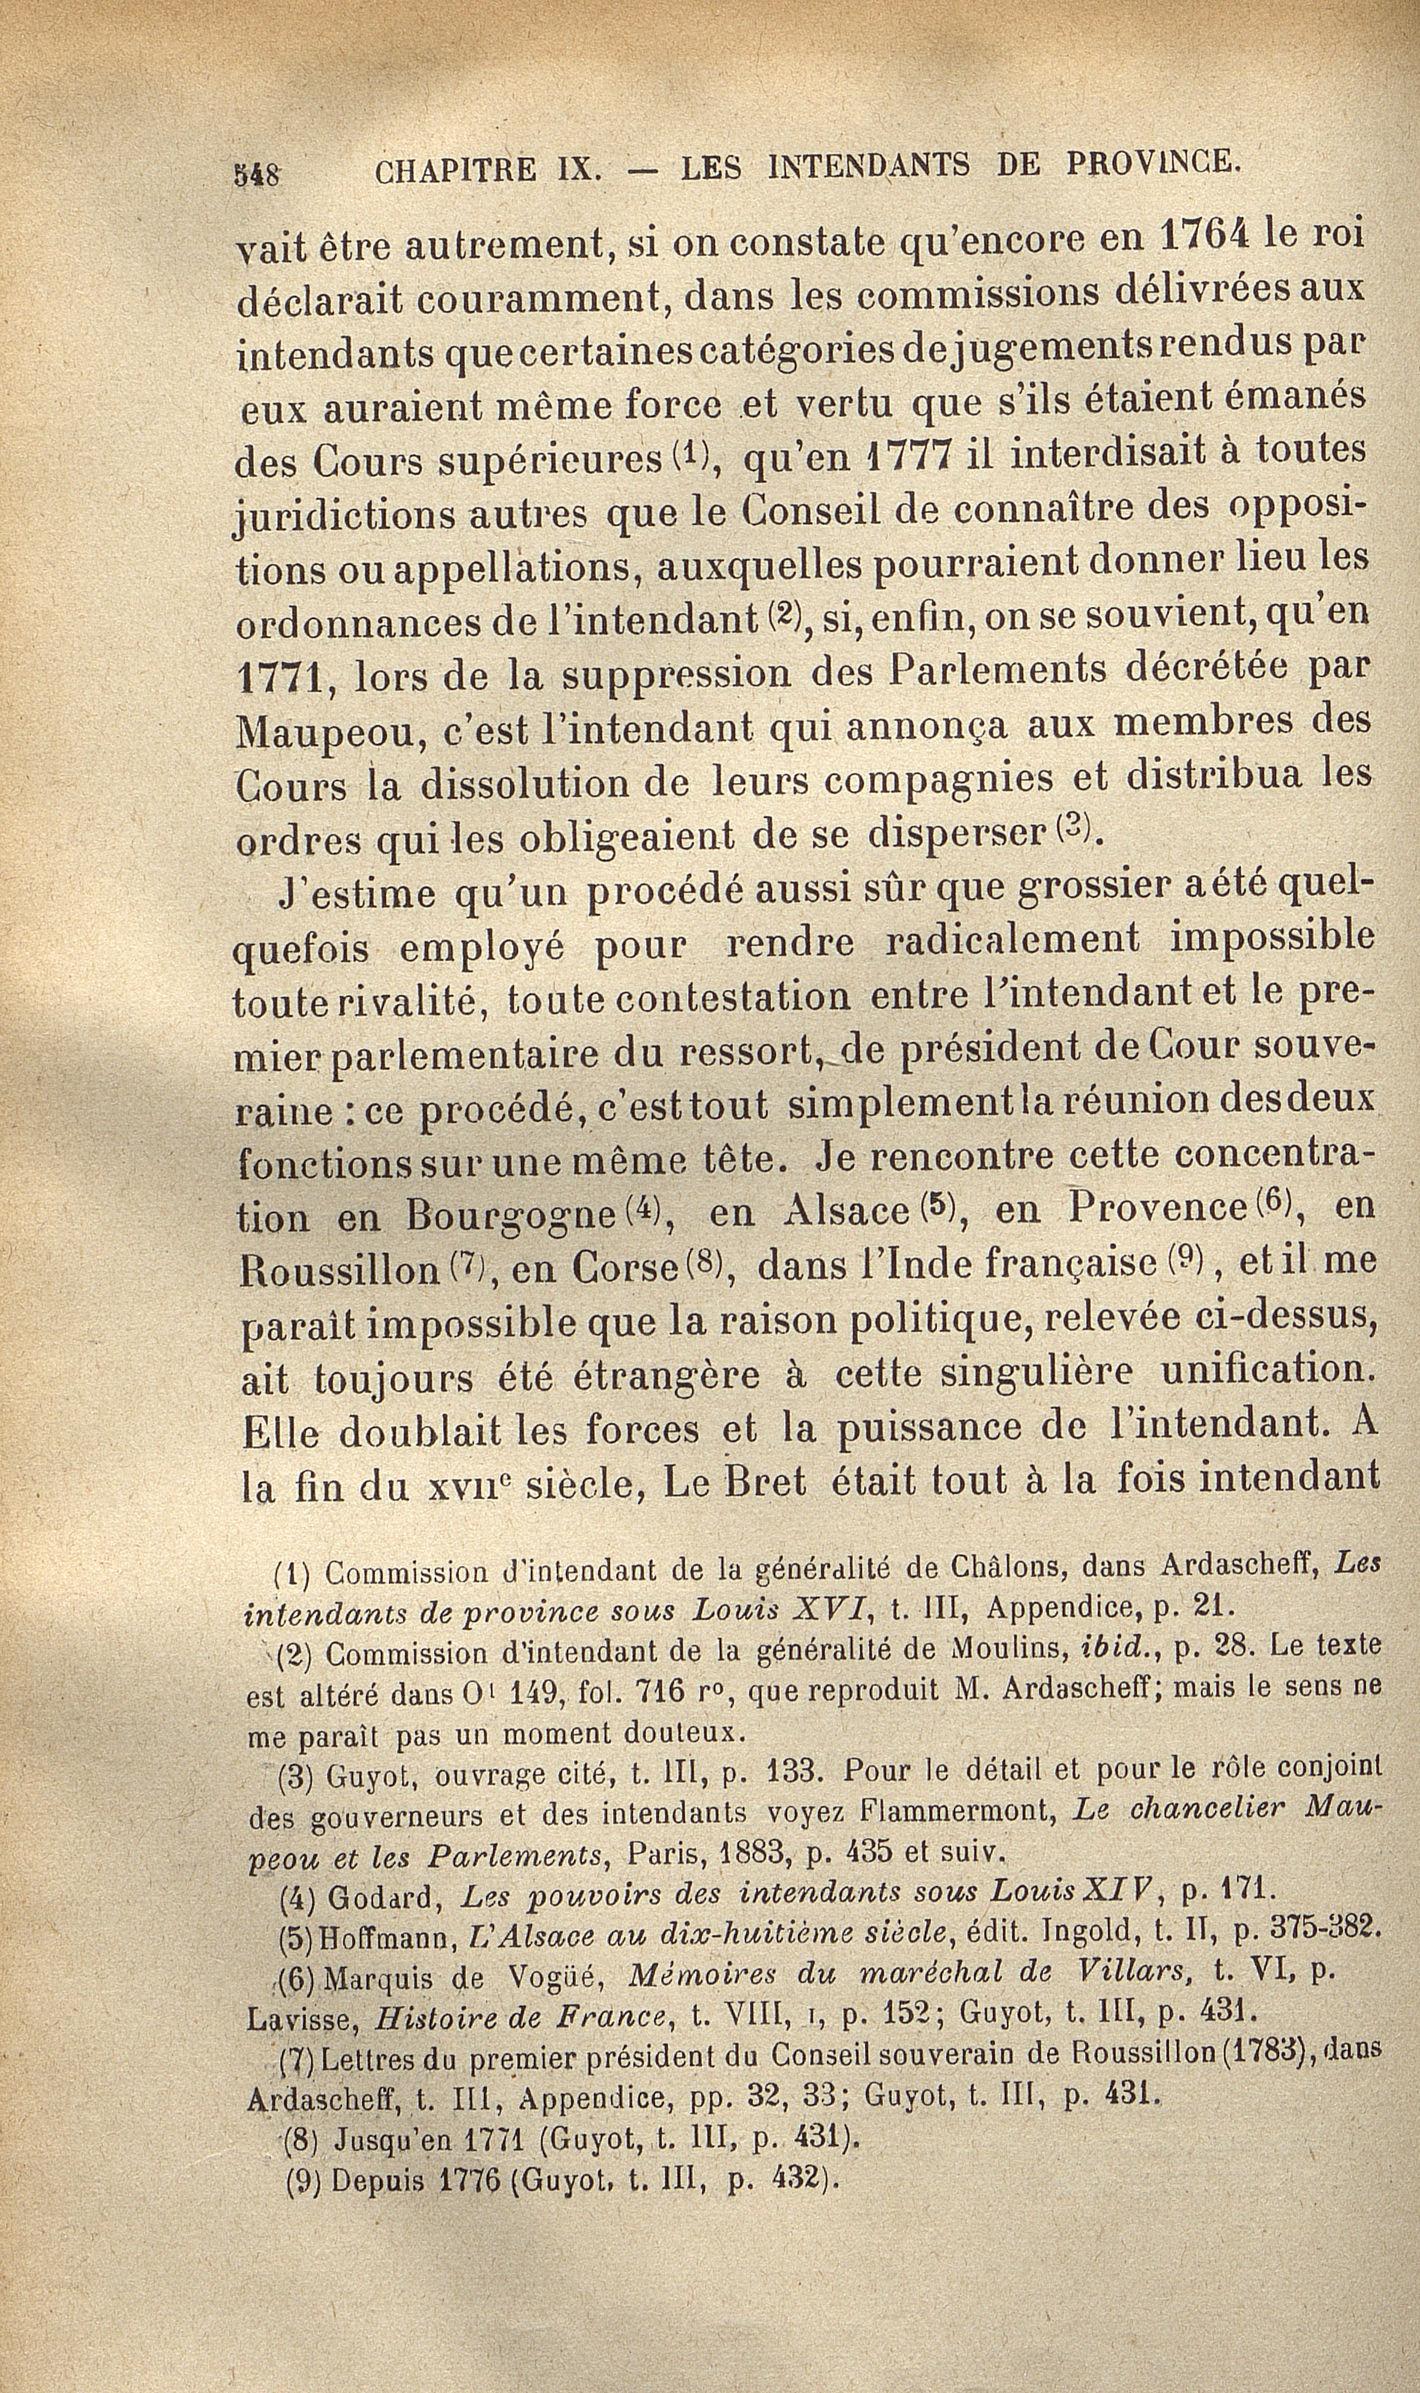 http://expo-paulviollet.univ-paris1.fr/wp-content/uploads/2016/02/0605381272_0562.jpg